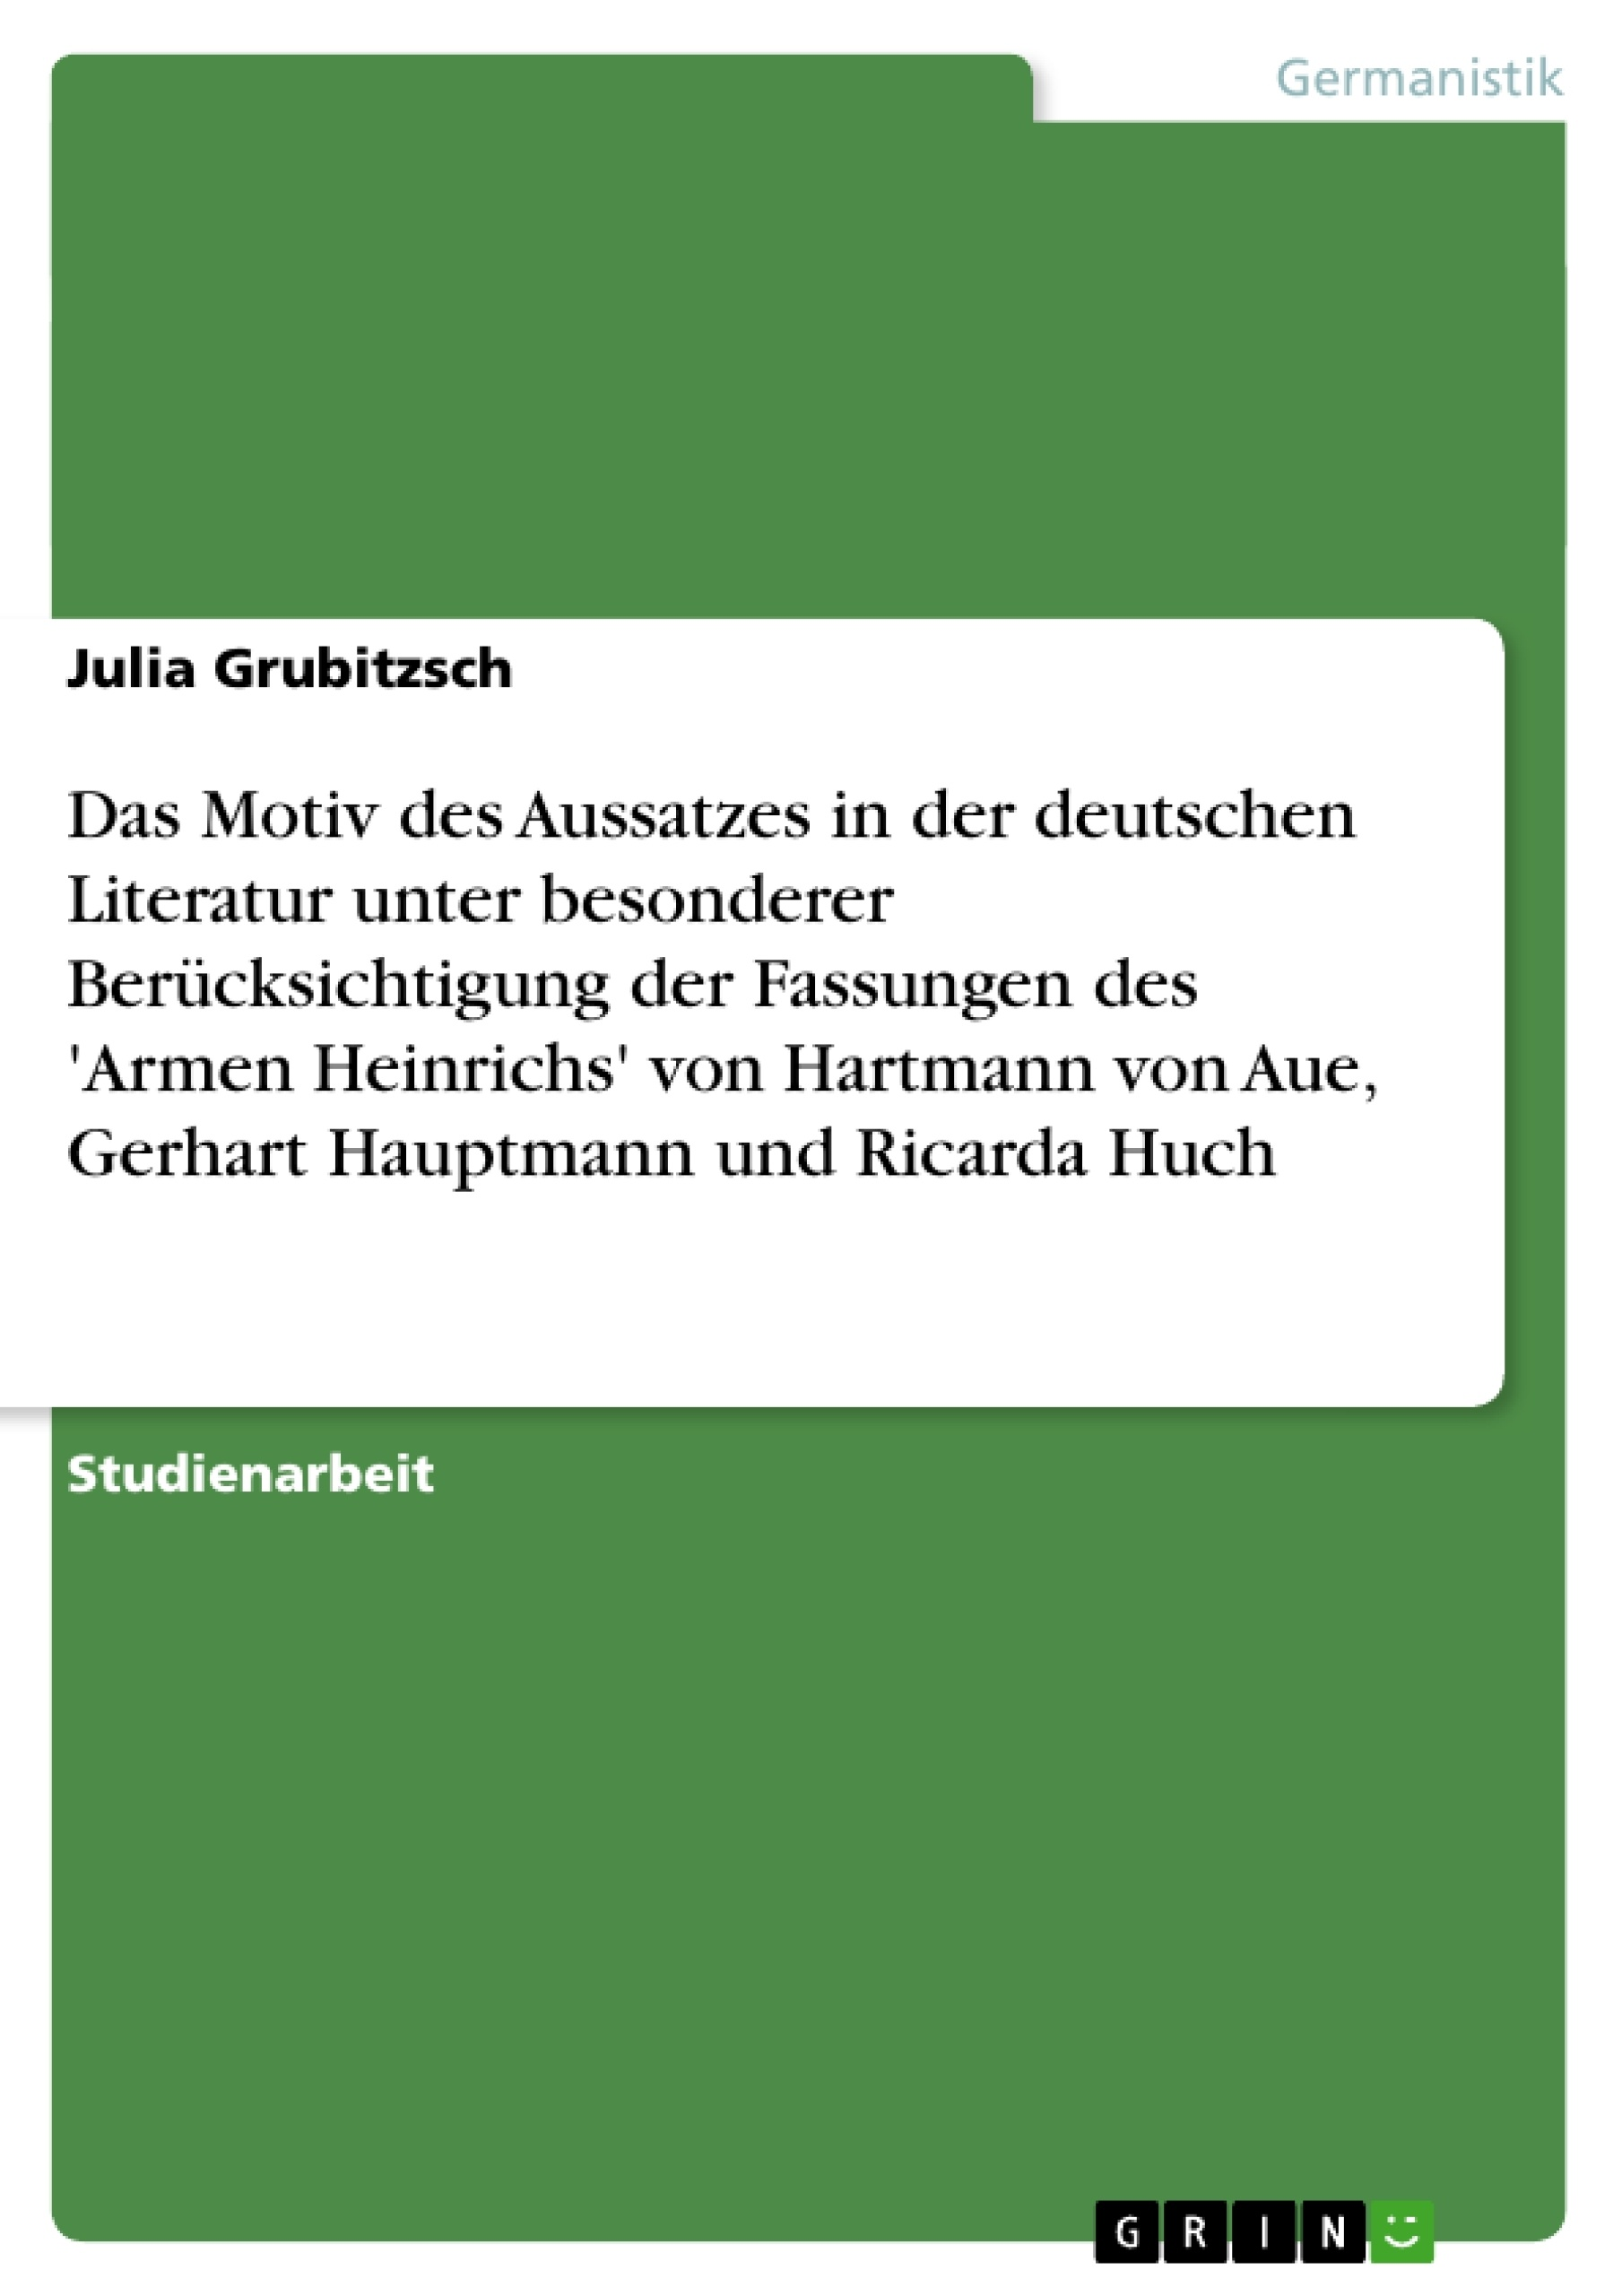 Titel: Das Motiv des Aussatzes in der deutschen Literatur unter besonderer  Berücksichtigung der Fassungen des 'Armen Heinrichs' von Hartmann von   Aue, Gerhart Hauptmann und Ricarda Huch